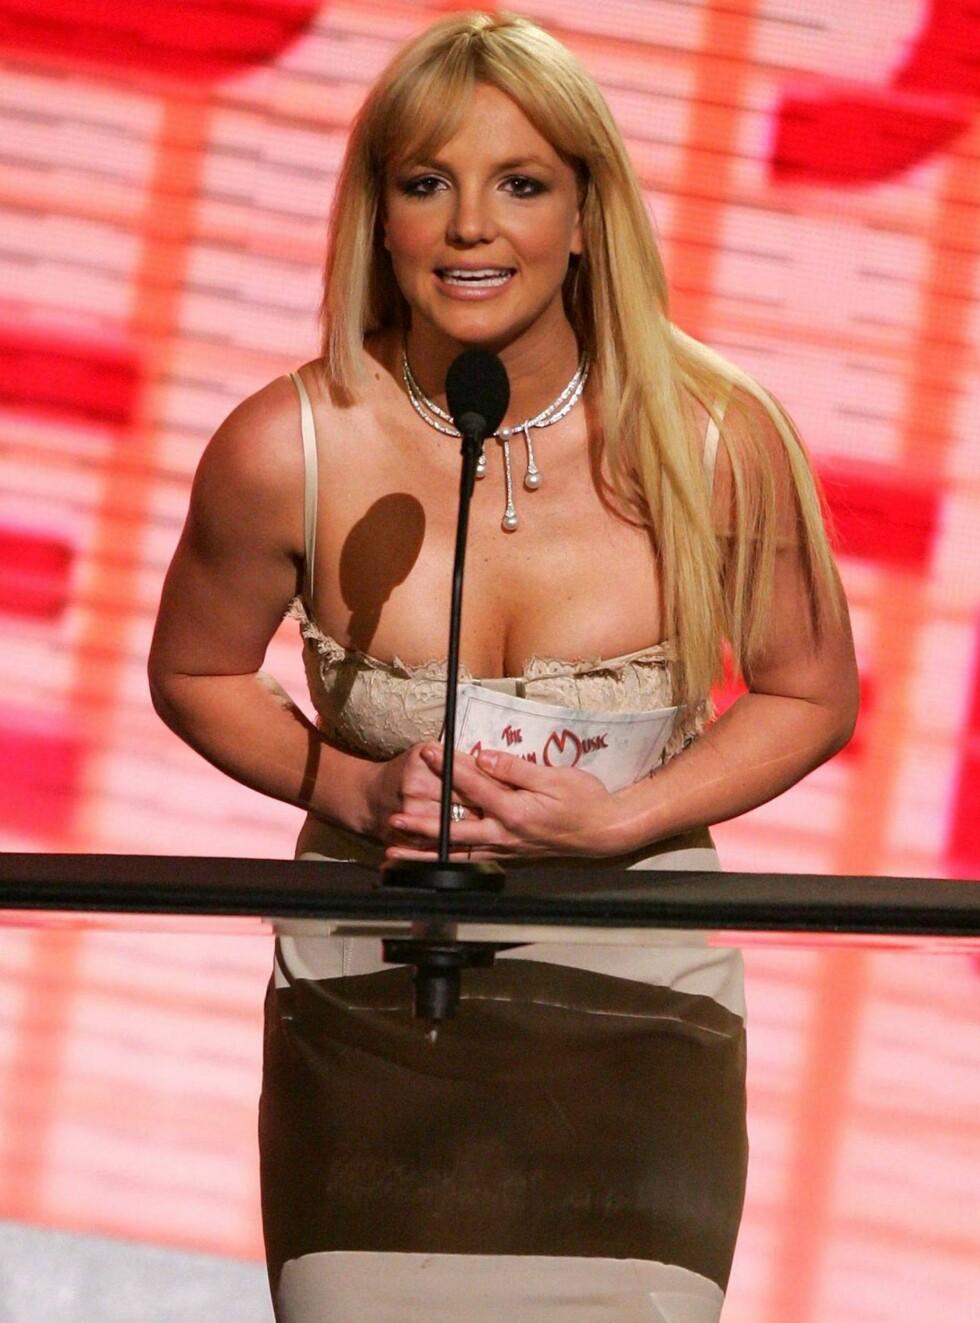 PÅ SCENEN: Britney Spears overrasket alle da hun entret scenen under American Music Awards. Foto: All Over Press